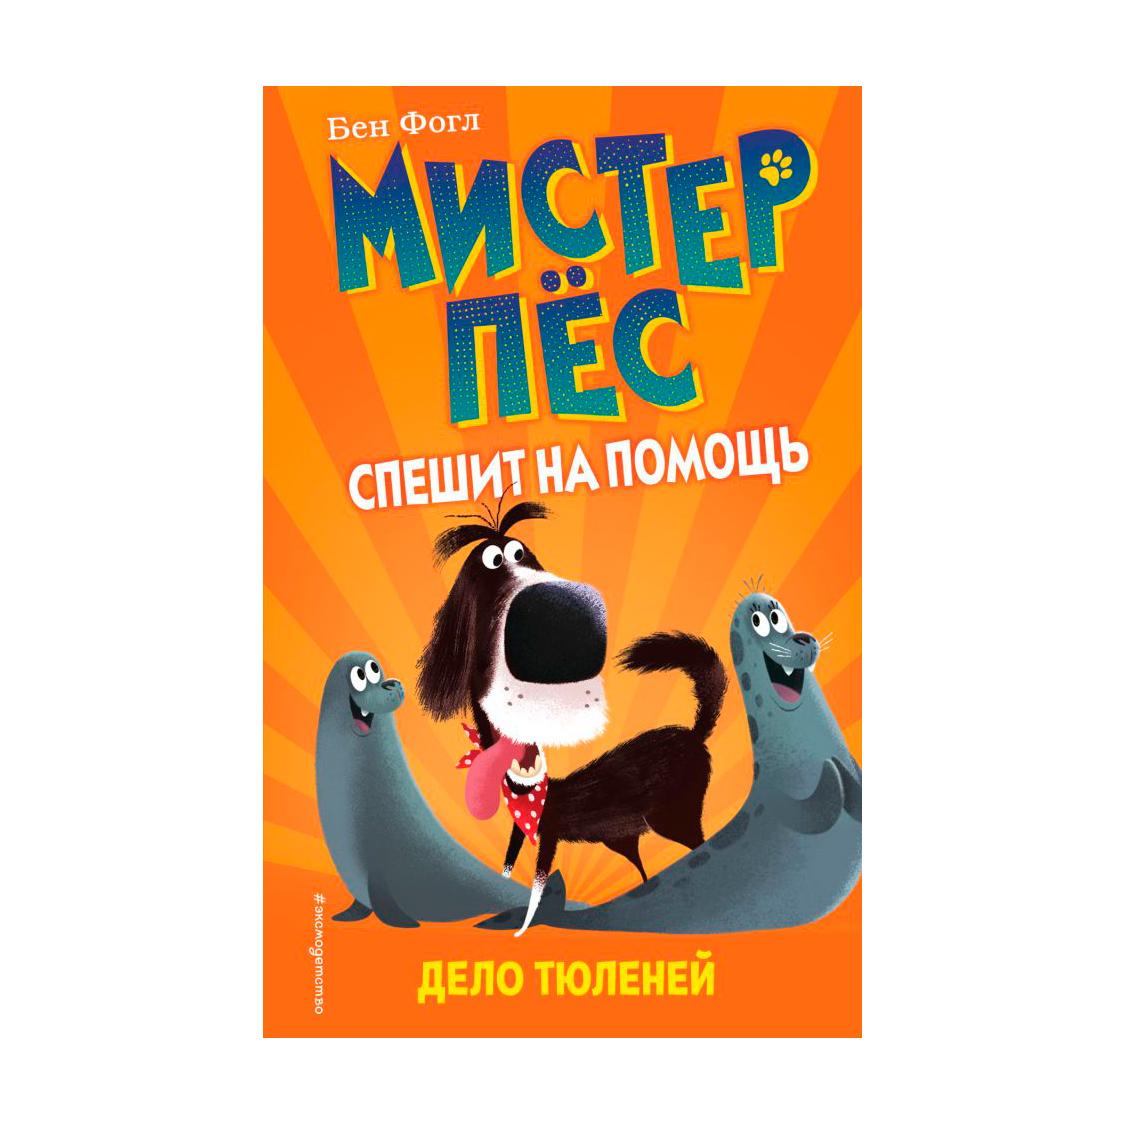 Книга Эксмо Мистер Пёс спешит на помощь. Дело тюленей